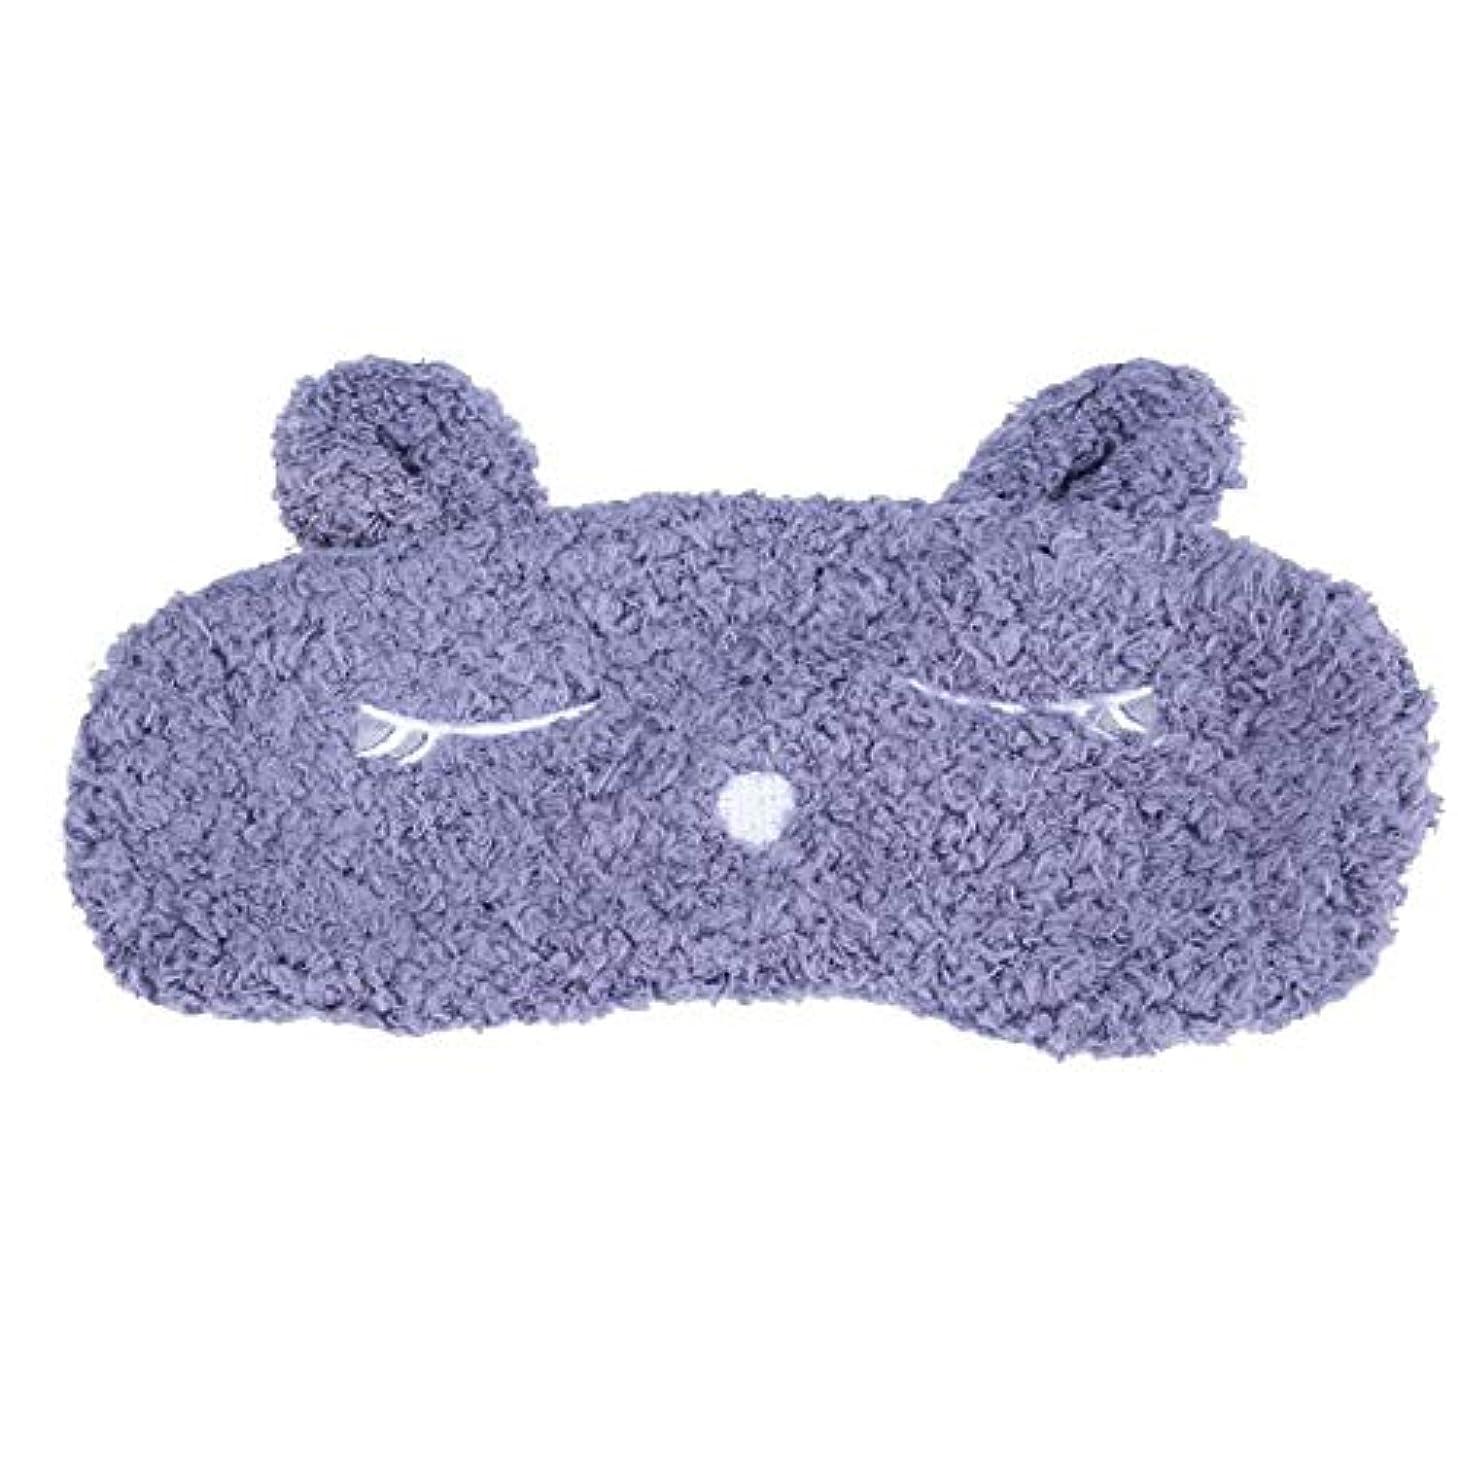 誠実さ冷える本物のNOTE アイカバー睡眠マスクアイパッチ旅行目隠しシールド睡眠補助用品睡眠ケア